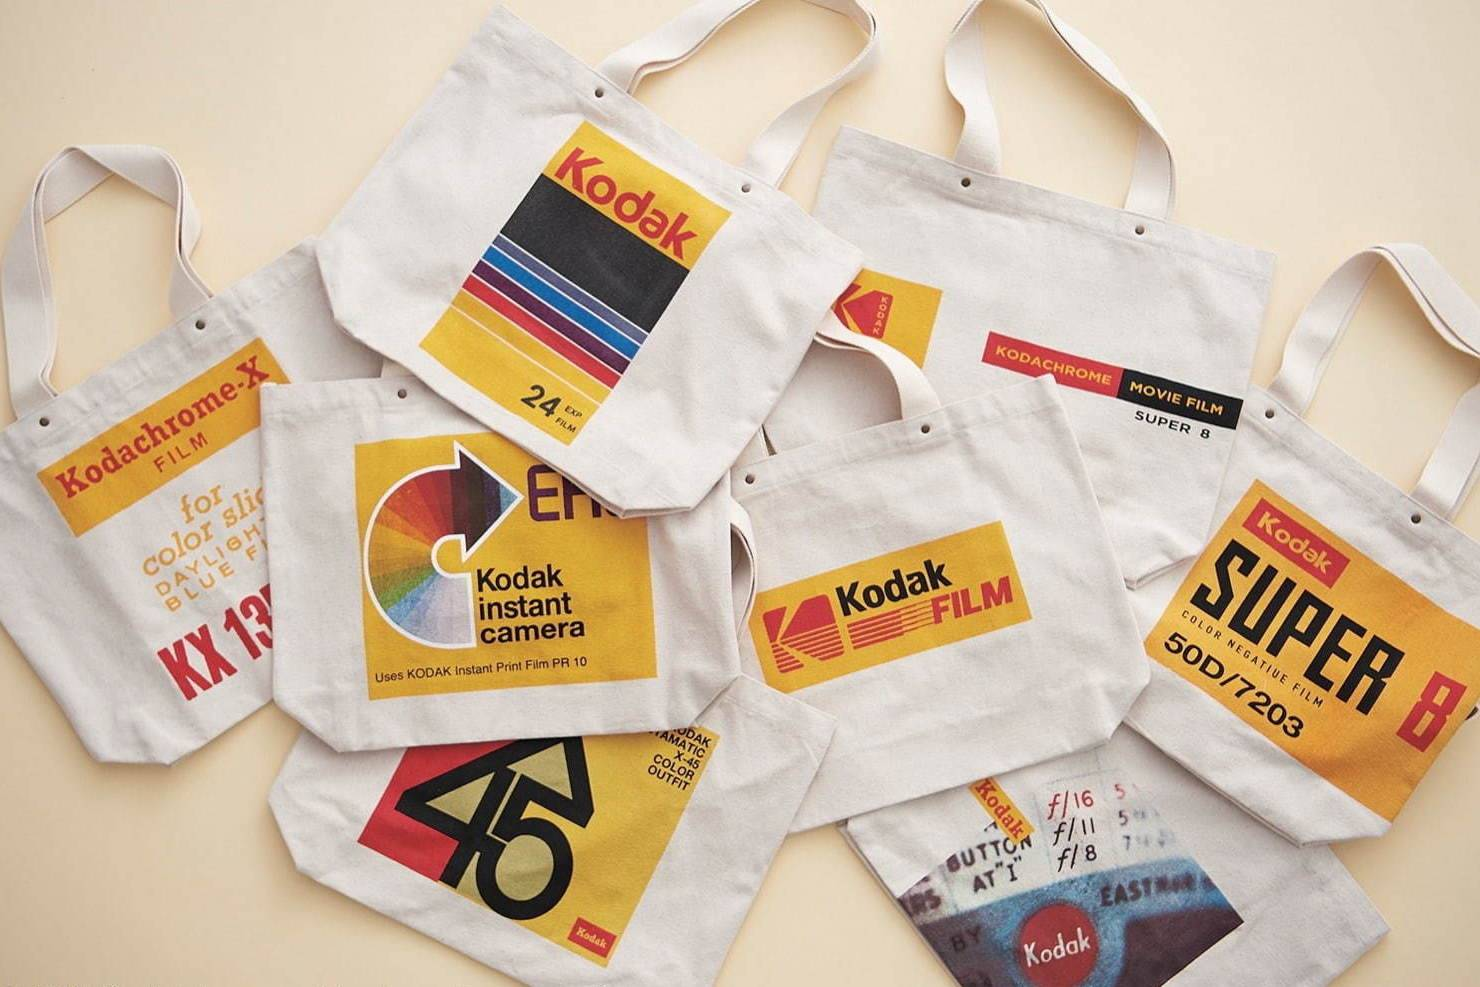 沉浸在柯达的复古影像世界,niko and… x KODAK发布合作手提袋